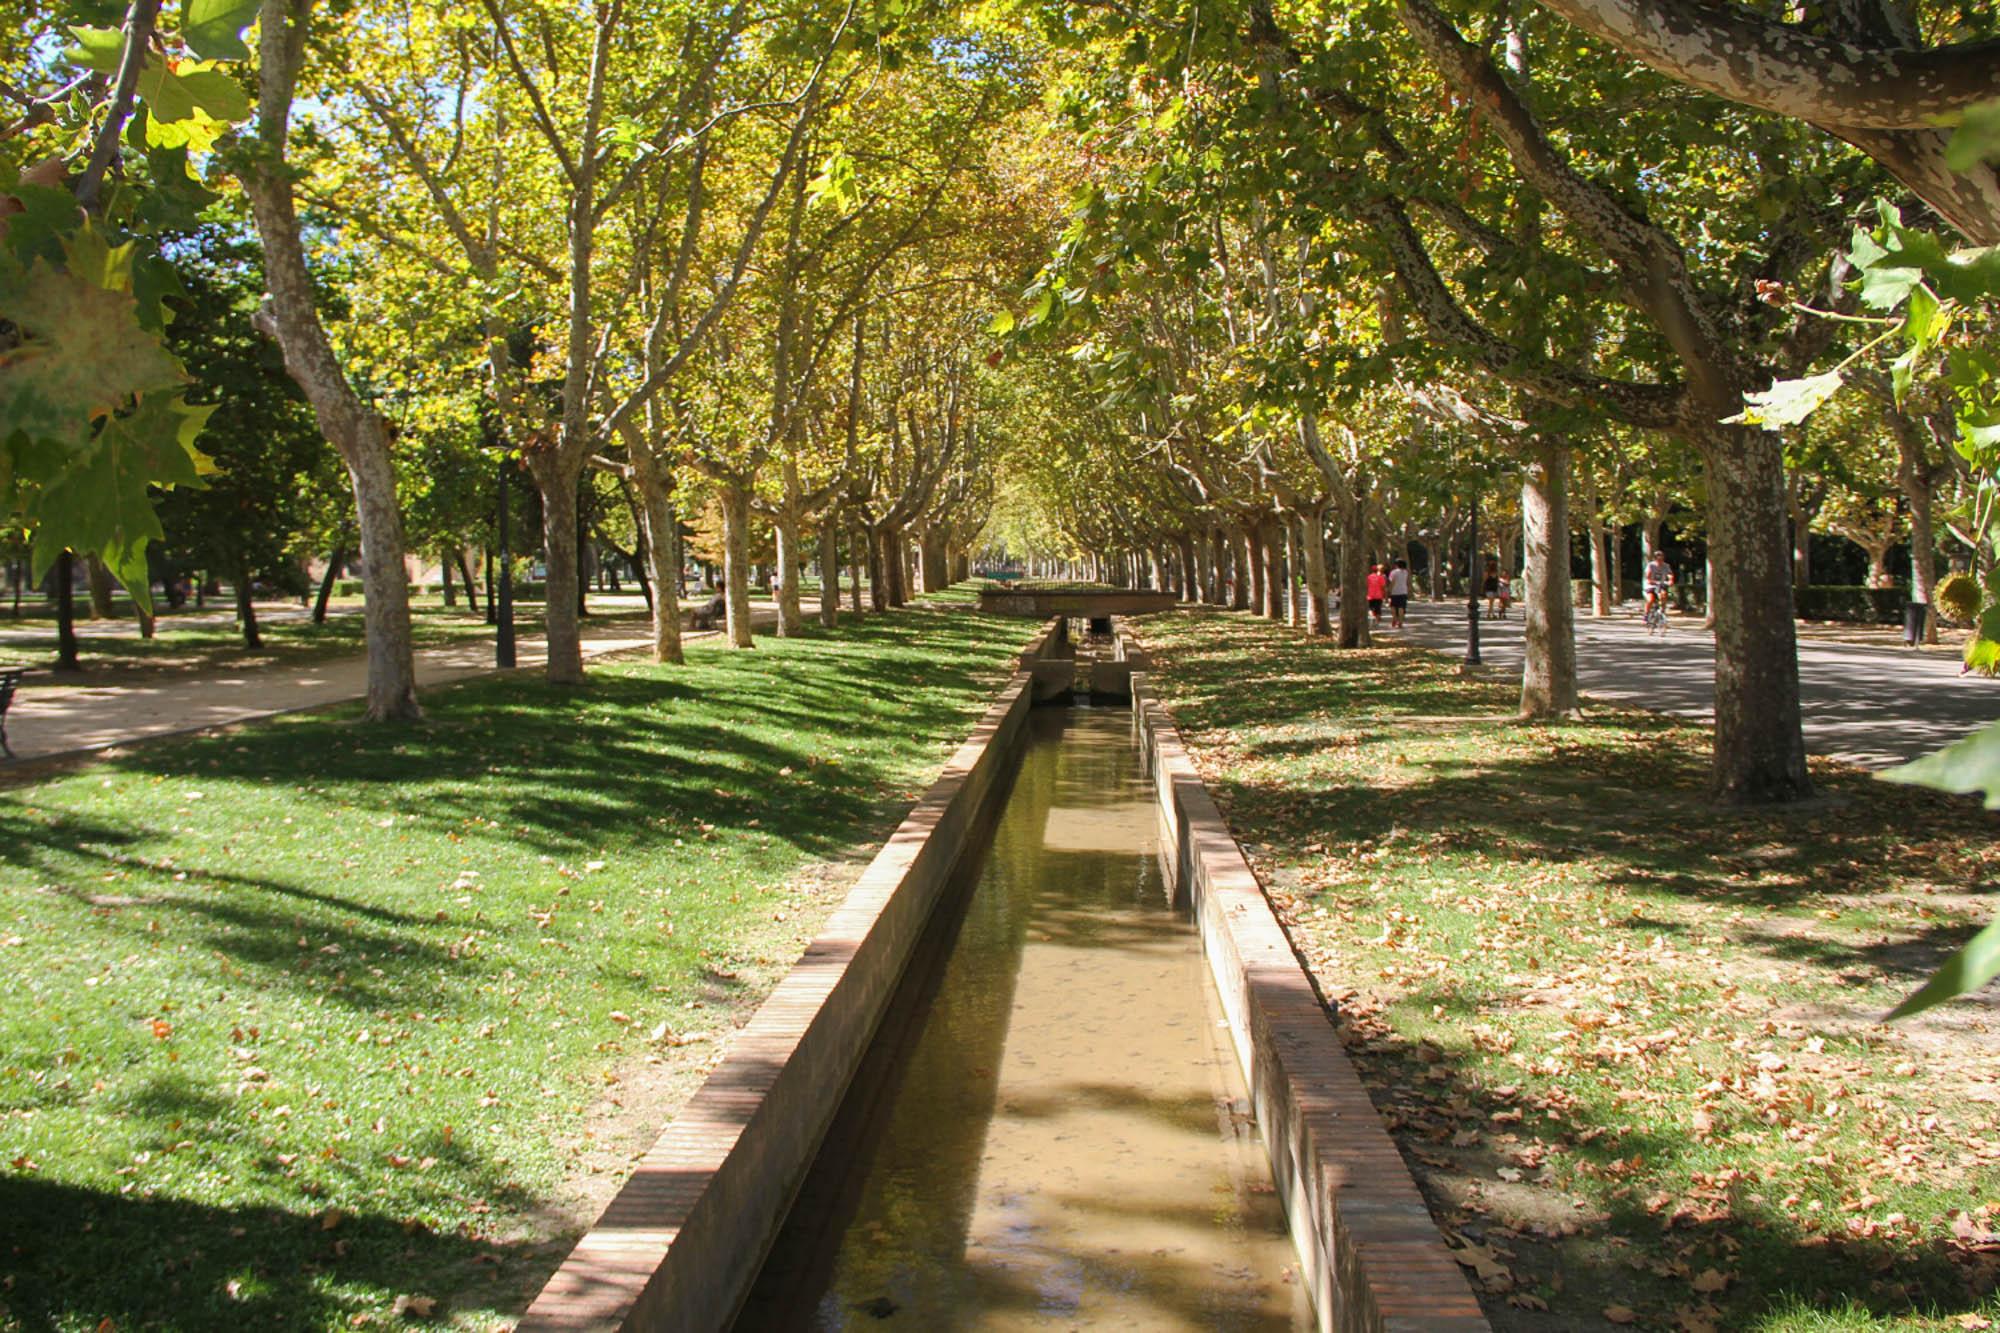 Qué ver en Zaragoza - Parque Labordeta